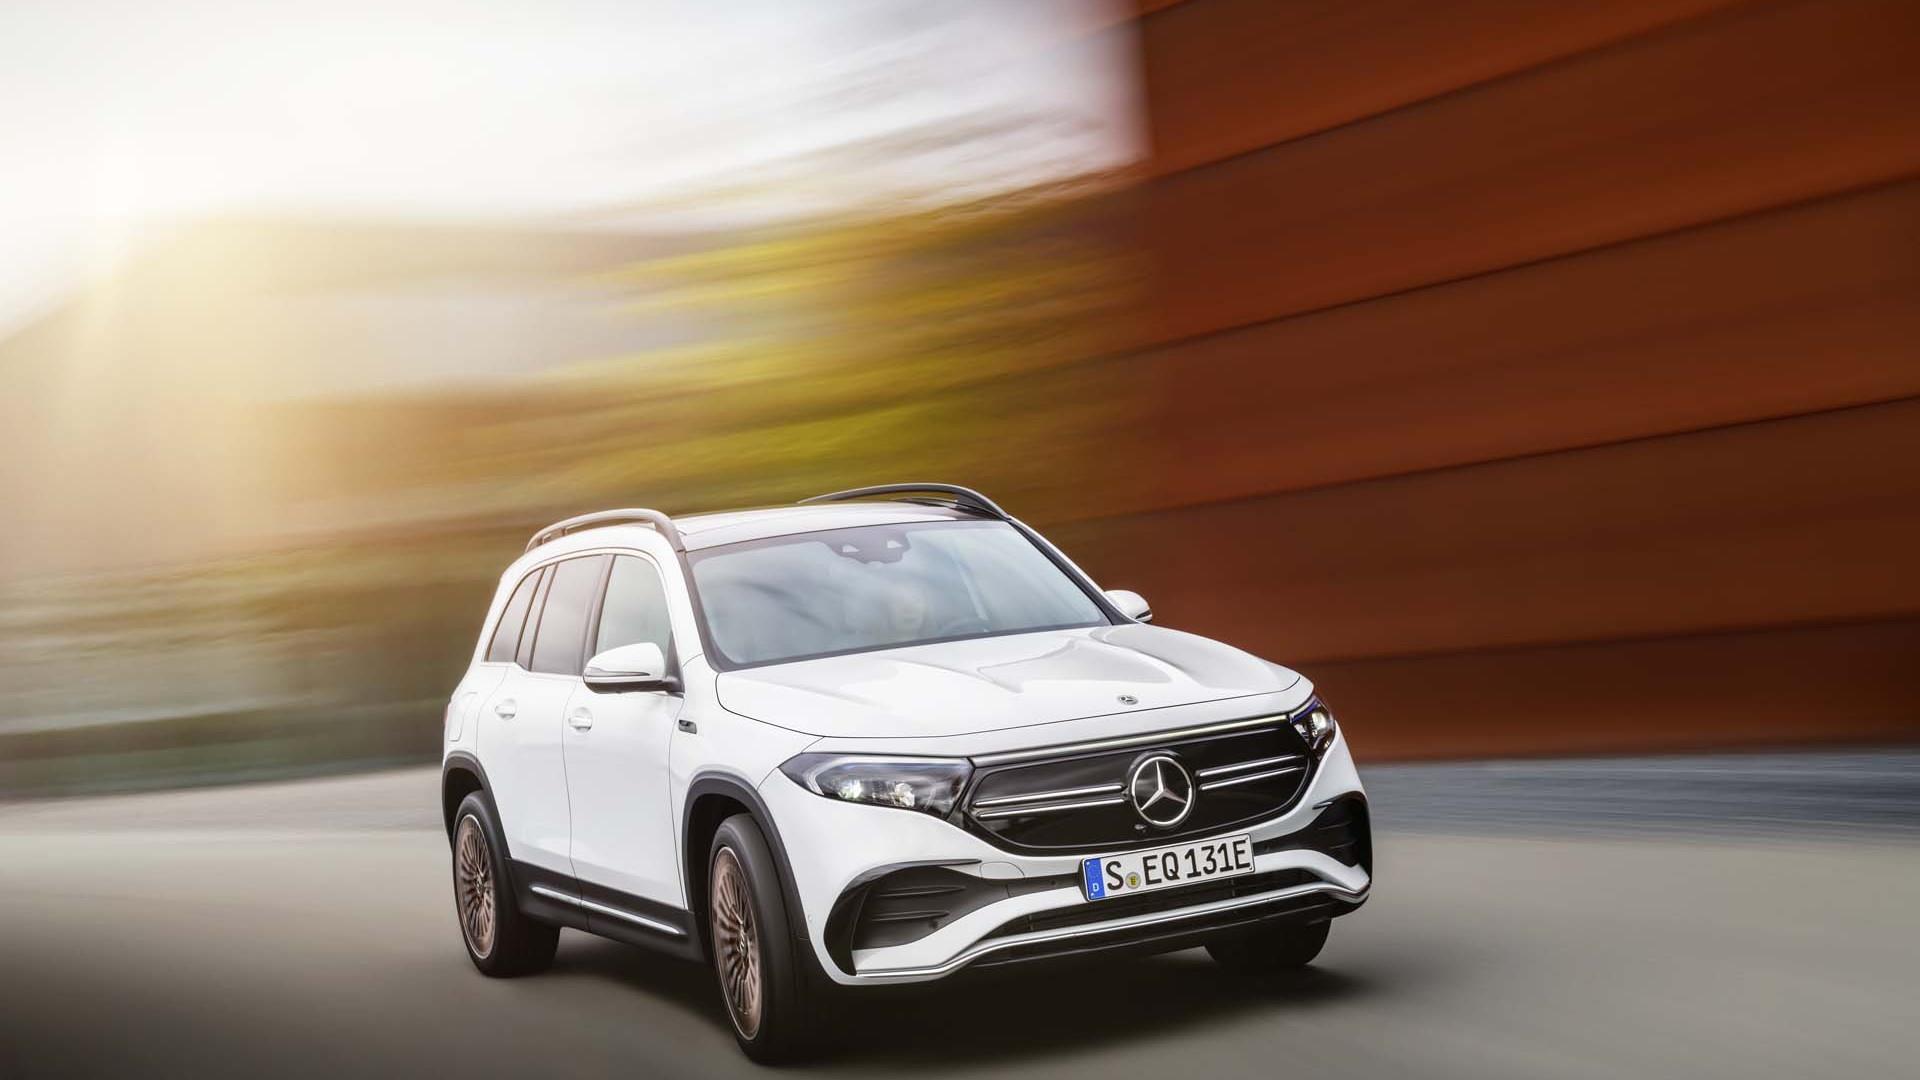 2022 Mercedes-Benz EQB